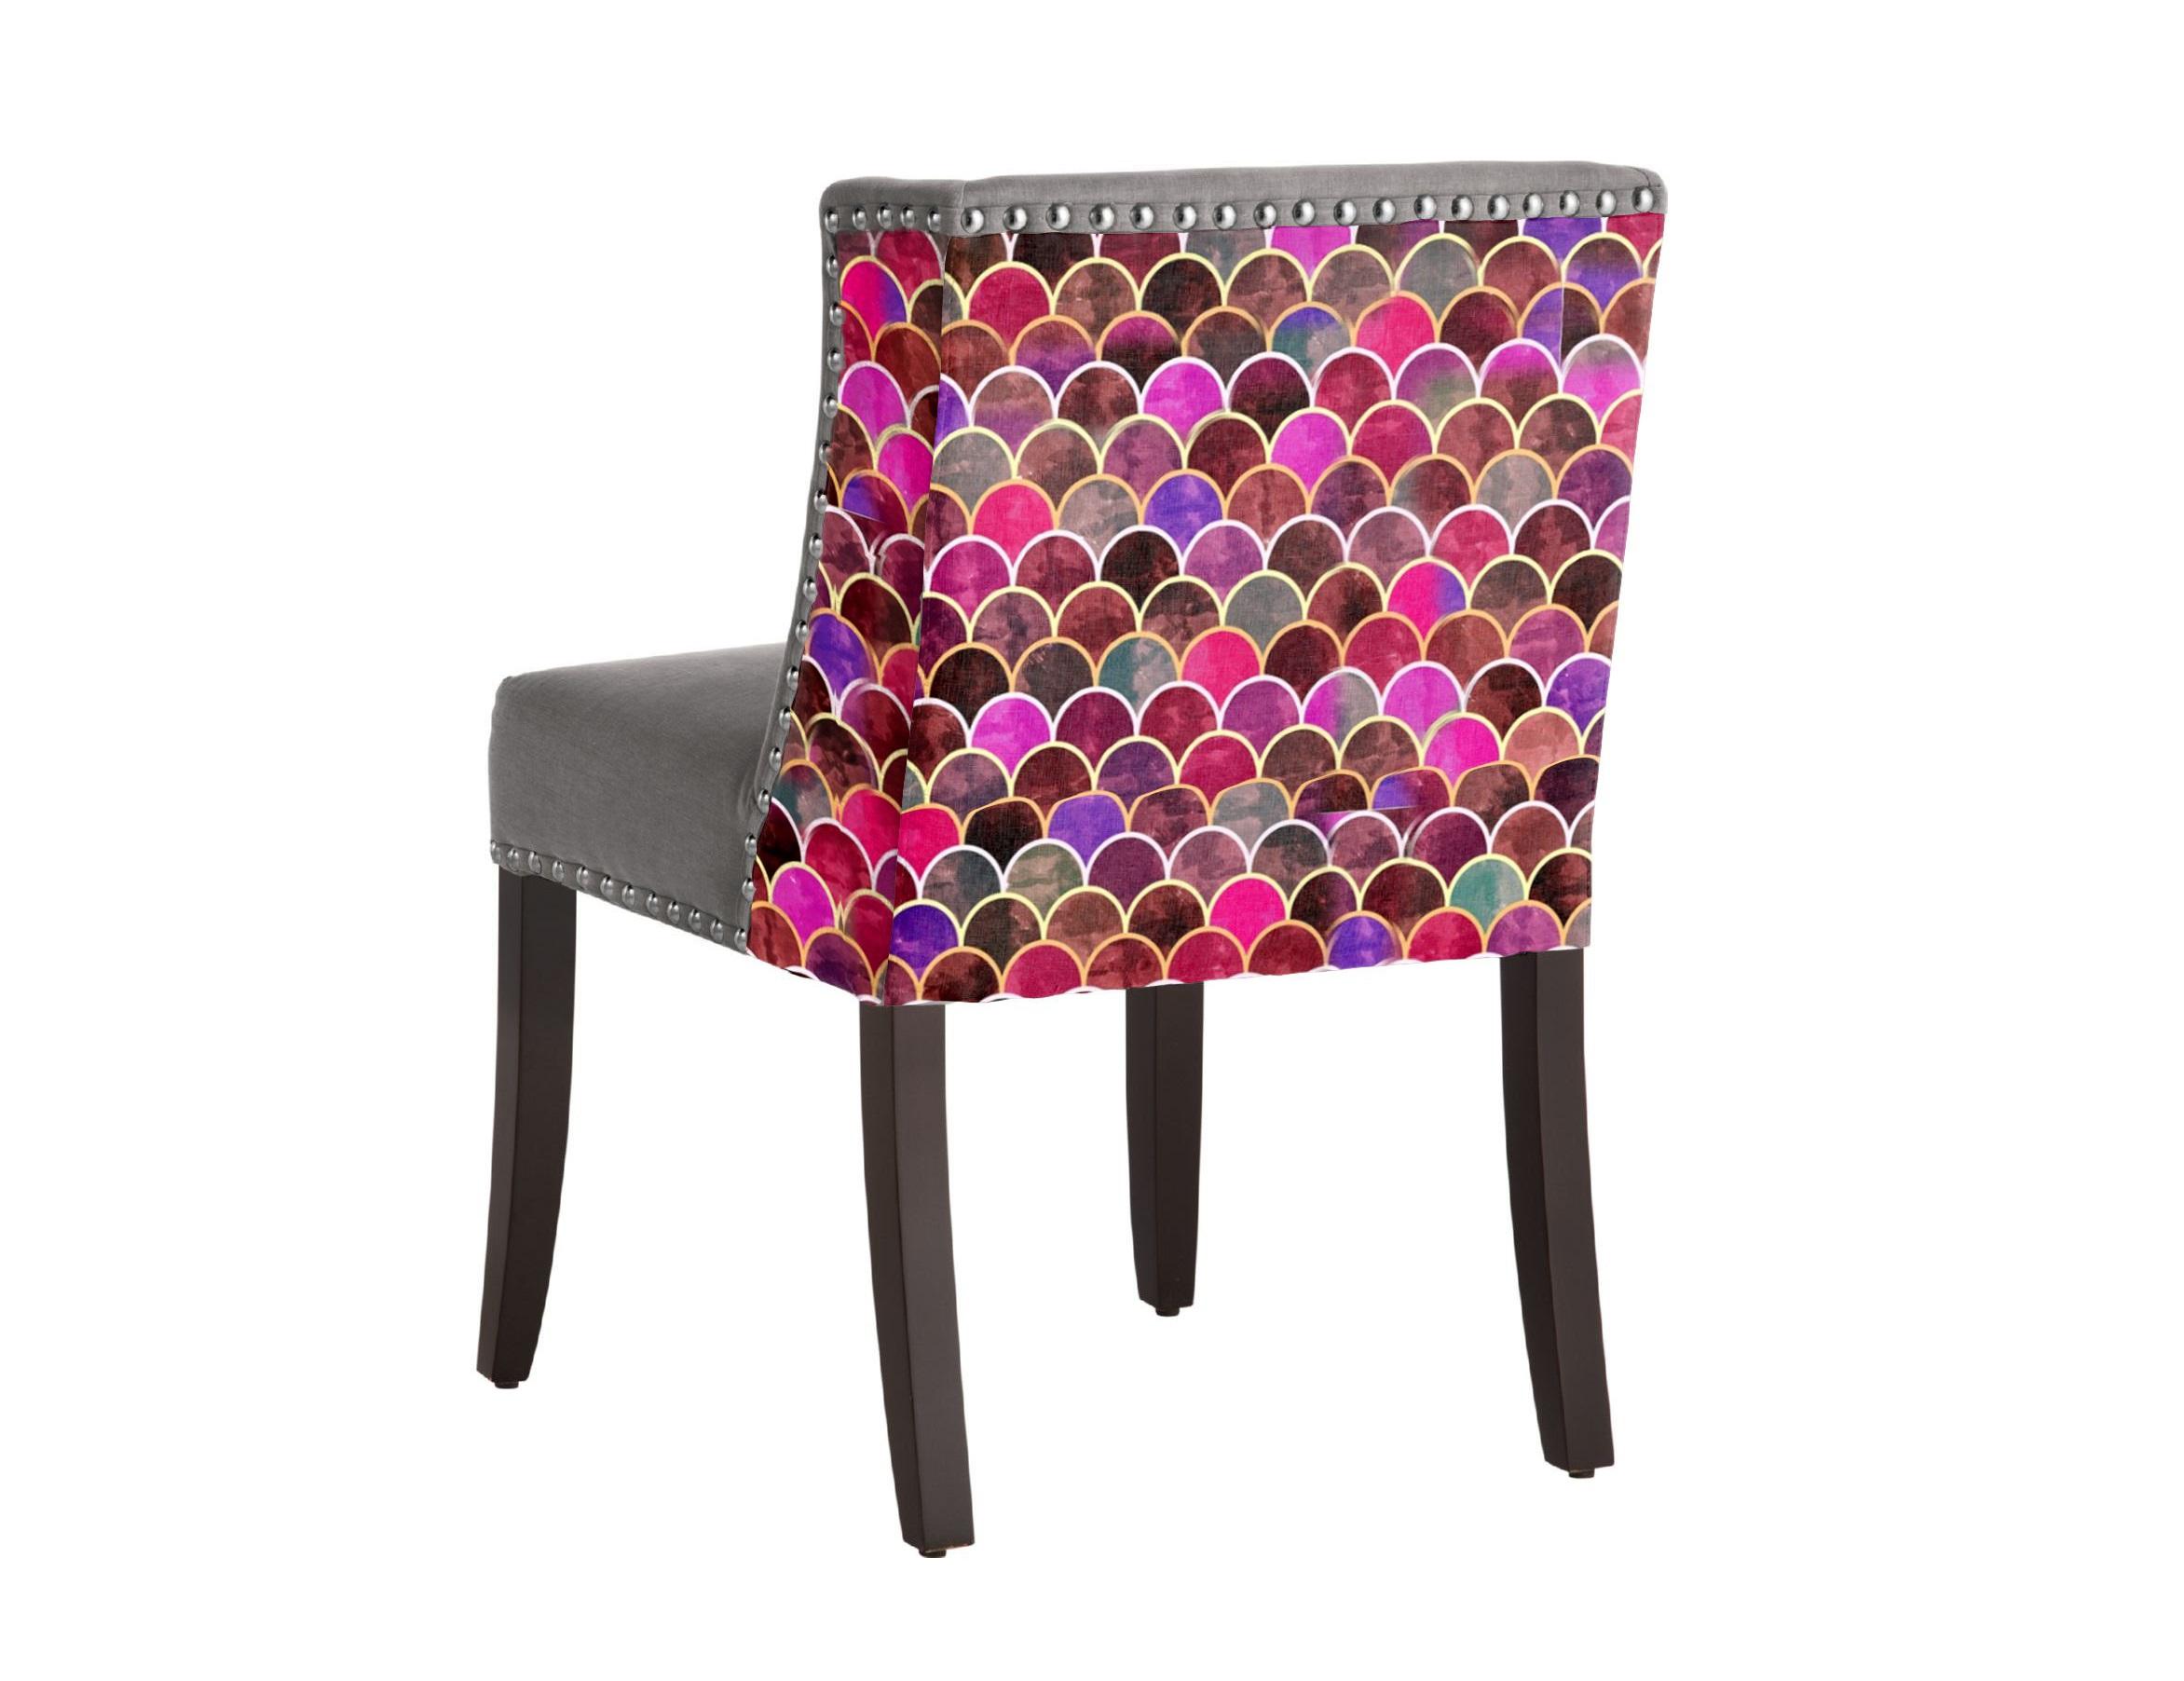 Стул Chameleo AbelСтулья с подлокотниками<br>Уникальный дизайн. Полукресло-стул с принтом супер талантливого художника из Бангладеш Amir Faysal. Амир популярен во всем мире и эксклюзивно сотрудничает с Российским брендом ICON DESIGNE. Эти стулья можно использовать как в гостиной, так и в столовой! Идеально впишутся в интерьер! Произведено из экологически чистых материалов. Модель представлена в ткани микровелюр – мягкий, бархатистый материал, широко используемый в качестве обивки для мебели. Обладает целым рядом замечательных свойств: отлично пропускает воздух, отталкивает пыль и долго сохраняет изначальный цвет, не протираясь и не выцветая. Высокие эксплуатационные свойства в сочетании с превосходным дизайном обеспечили микровелюру большую популярность.&amp;amp;nbsp;&amp;lt;div&amp;gt;&amp;lt;br&amp;gt;&amp;lt;div&amp;gt;Материалы: дуб, текстиль.&amp;lt;br&amp;gt;&amp;lt;/div&amp;gt;&amp;lt;/div&amp;gt;<br><br>Material: Дуб<br>Length см: None<br>Width см: 53<br>Depth см: 58<br>Height см: 82